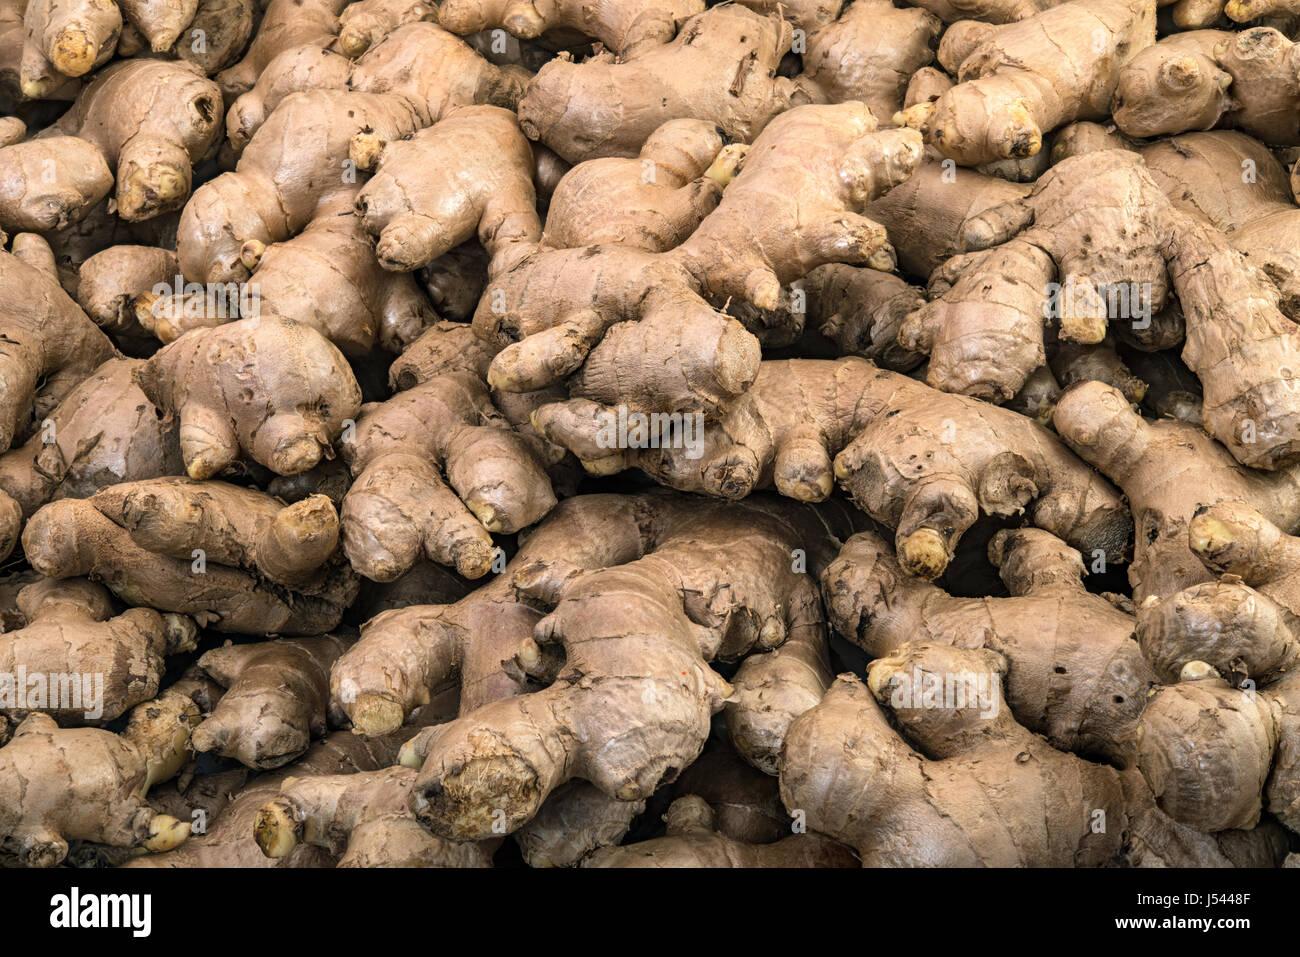 Les racines de gingembre frais afficher sur la vente dans le marché de légumes frais Banque D'Images